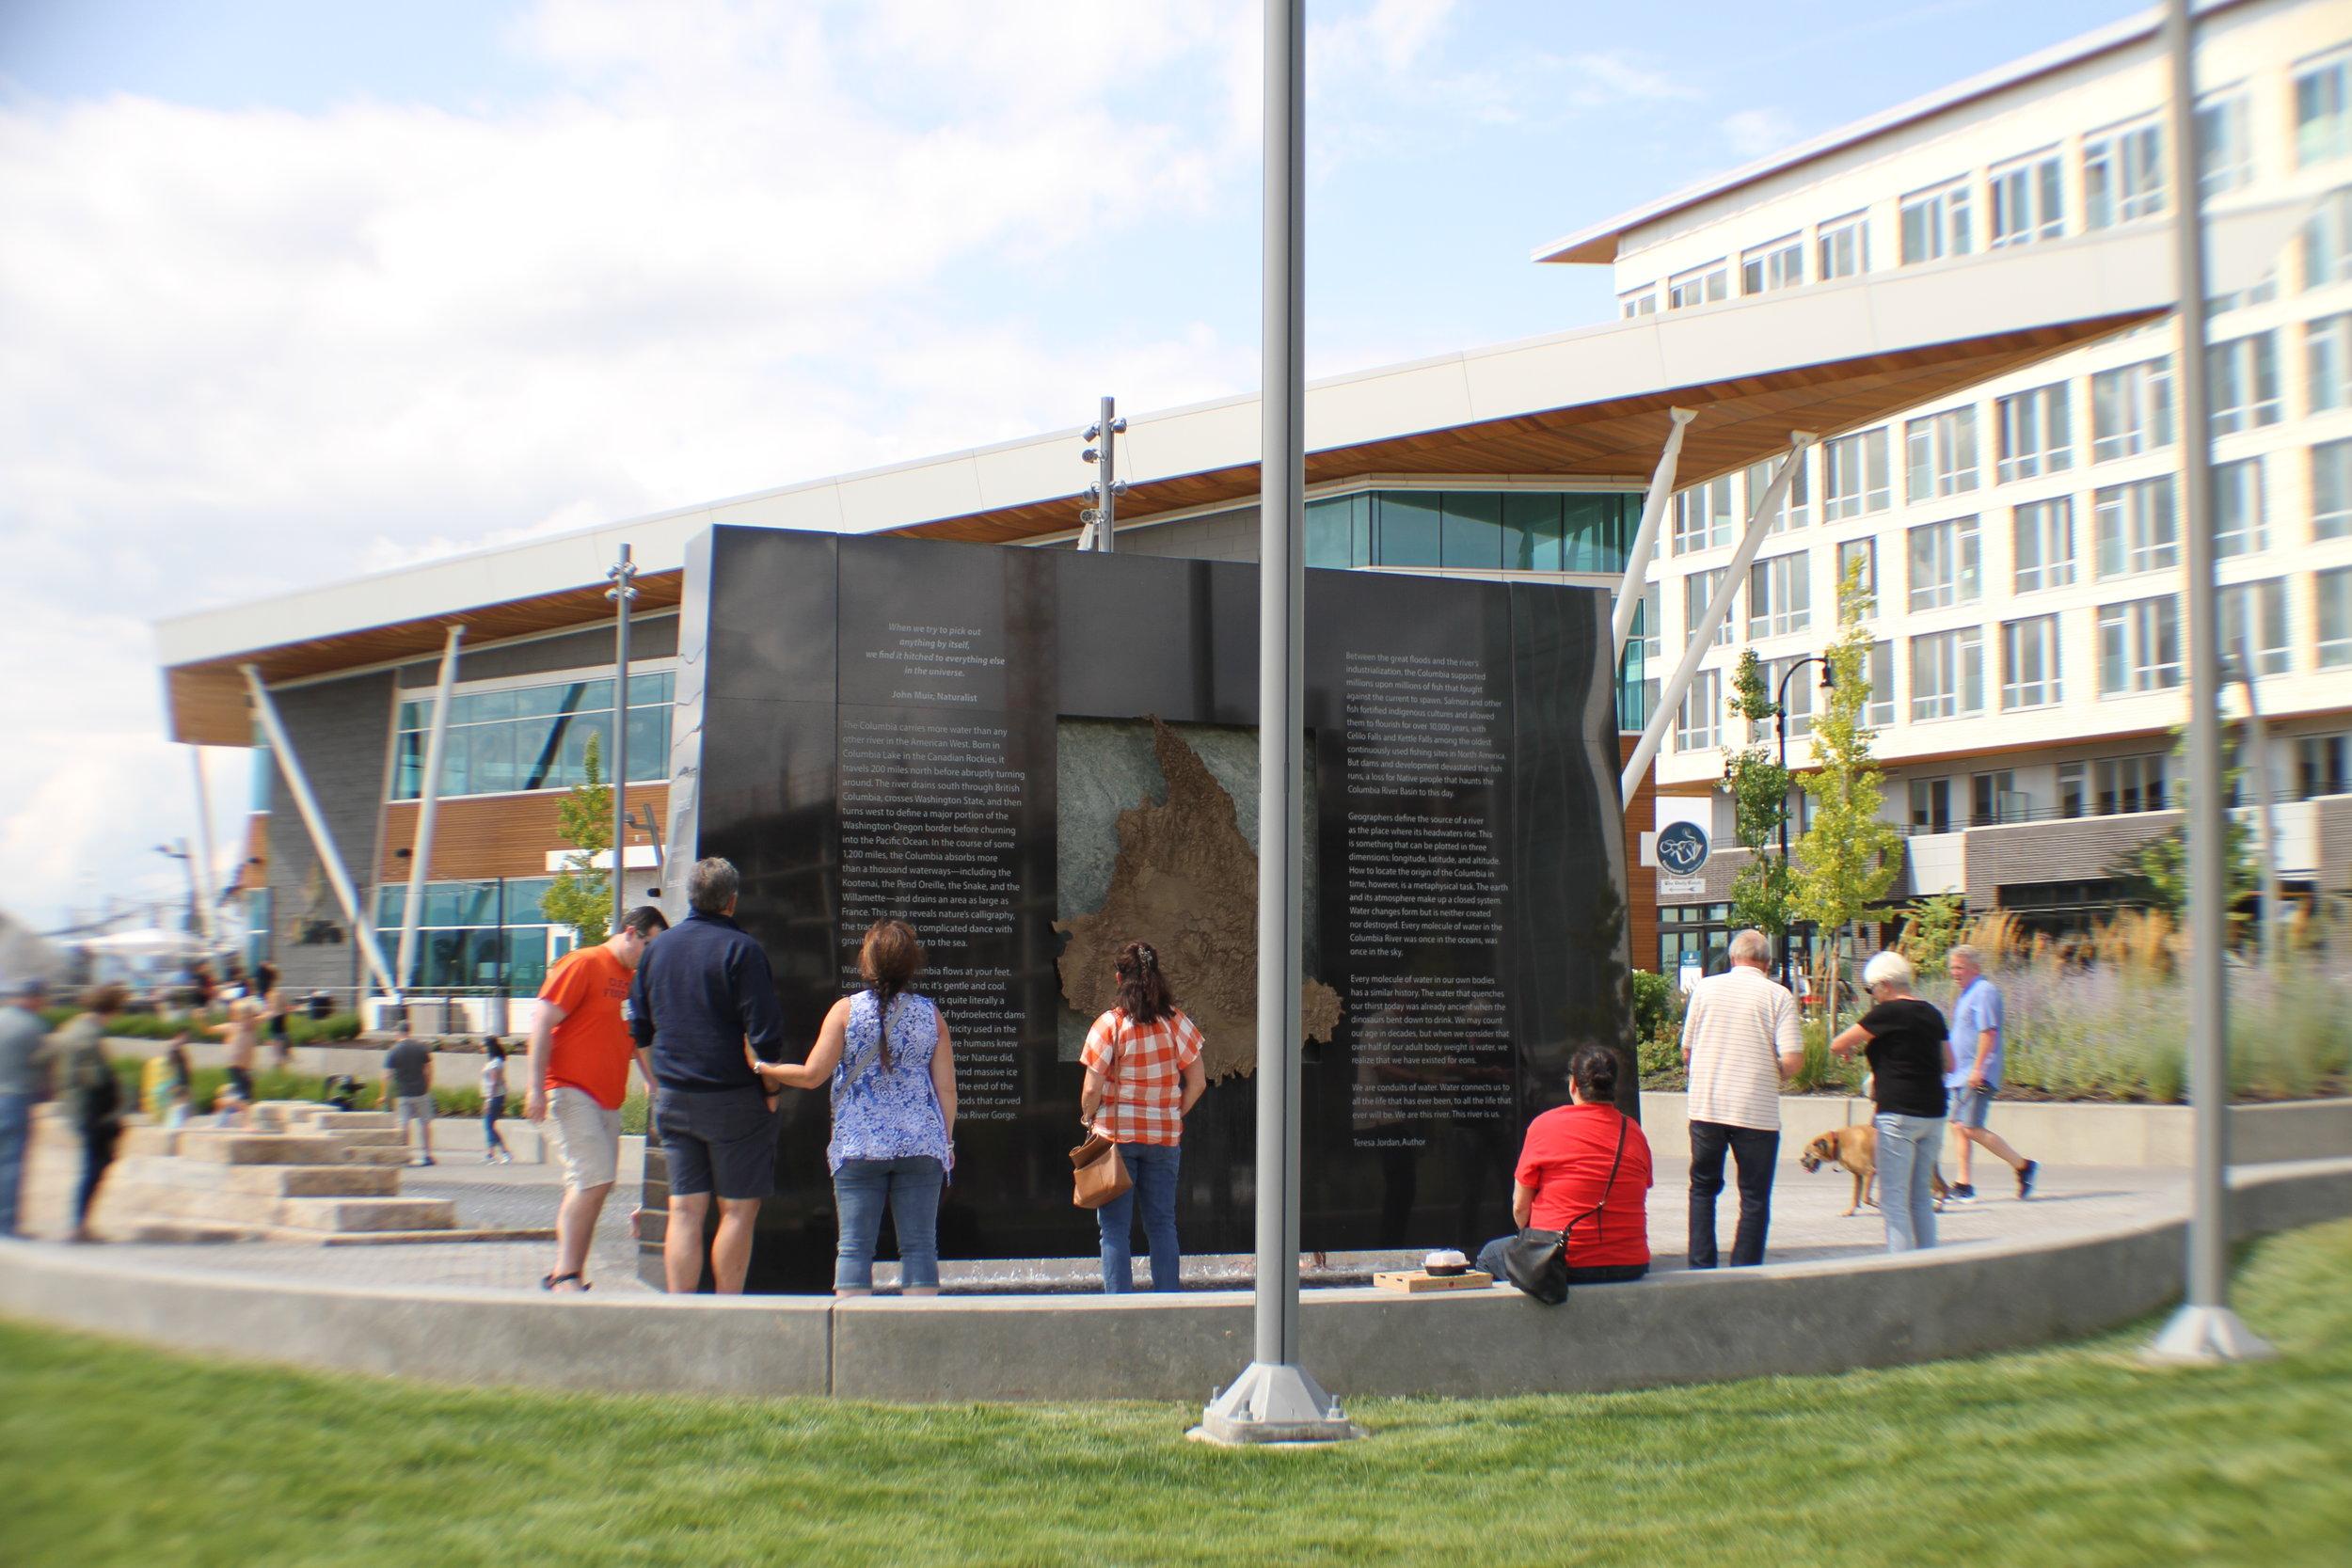 vancouver_waterfront park fountain_larry kirkland_public art services_j grant projects_29.JPG